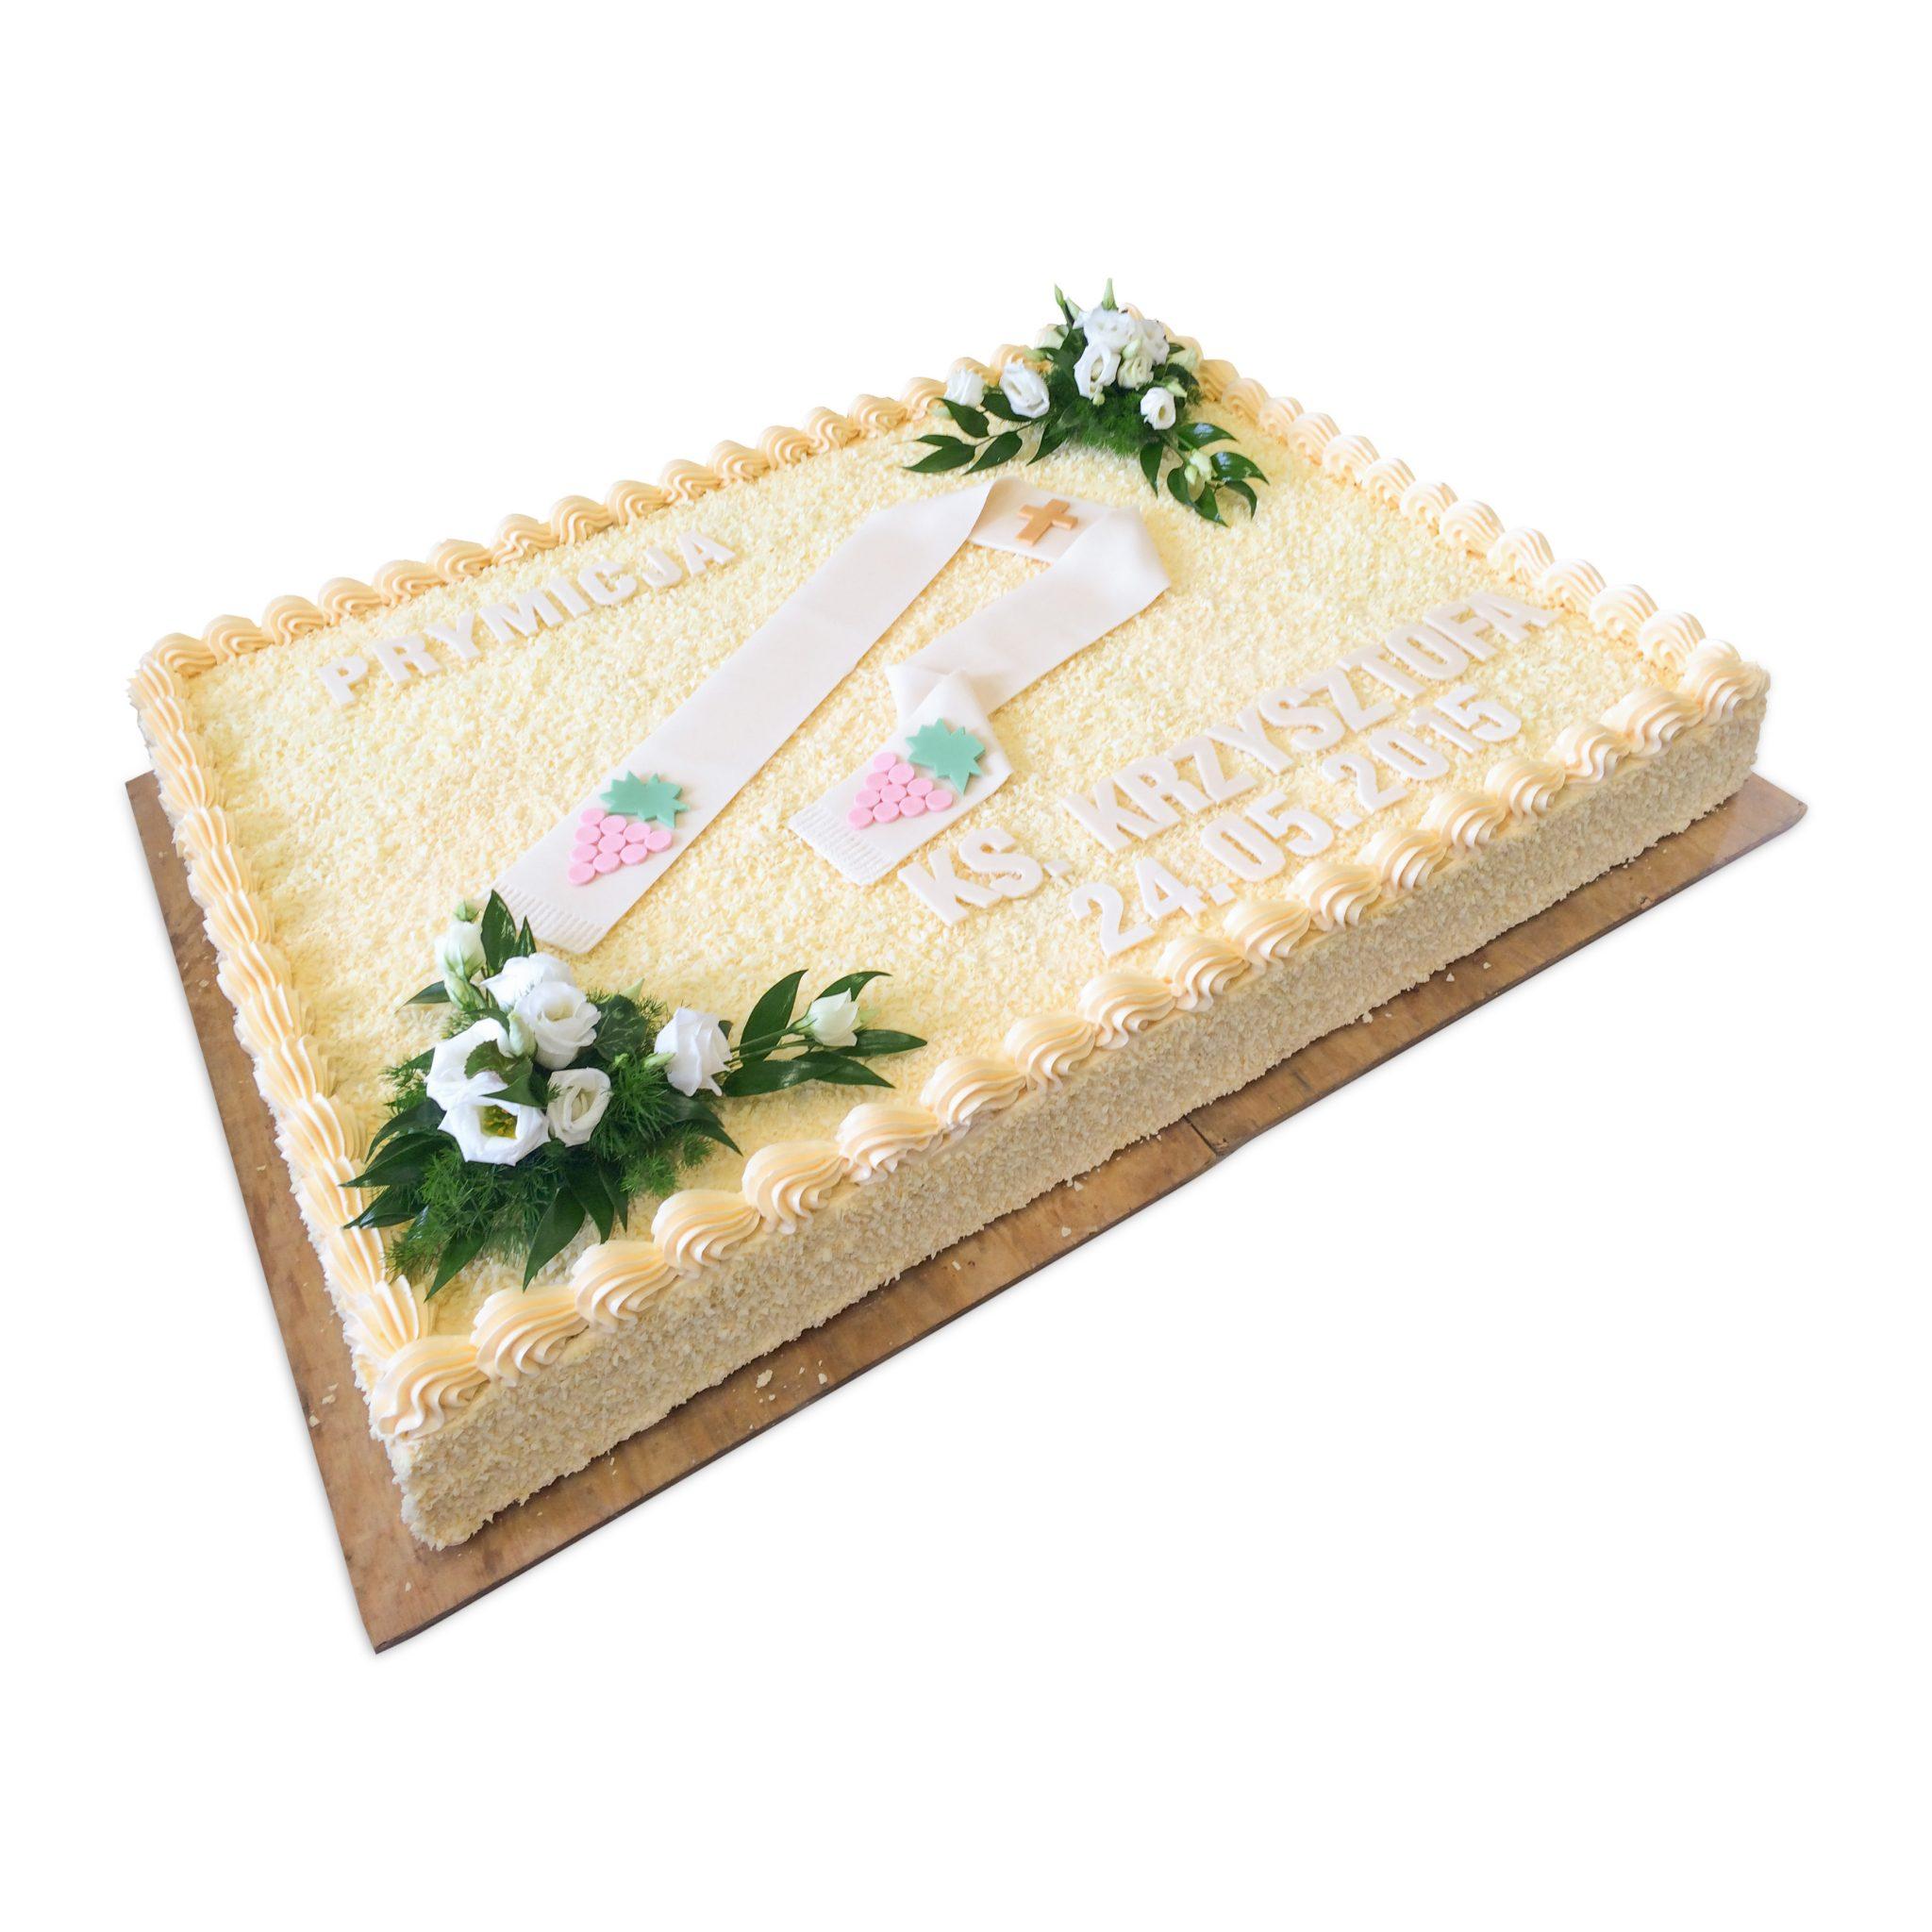 prostokątny tort na prymicję ksiedza